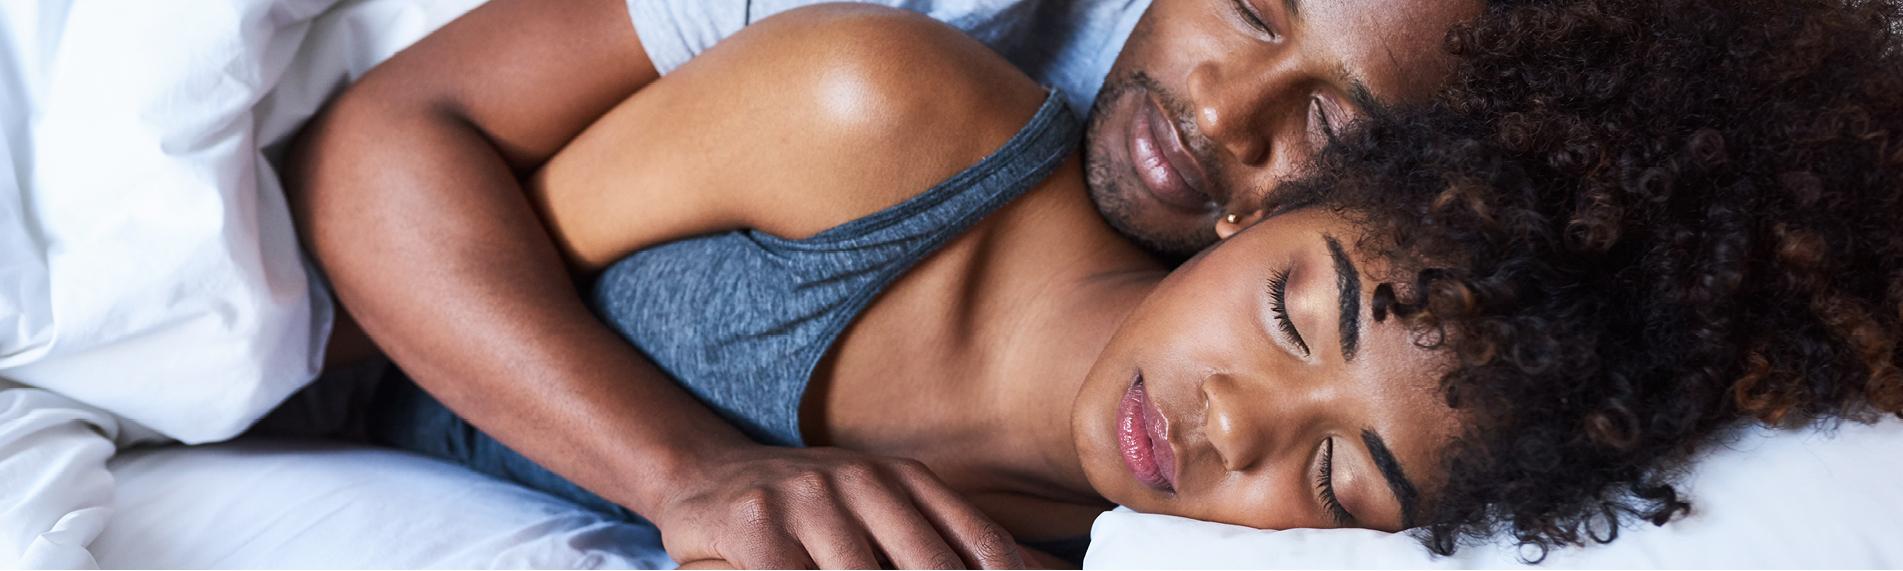 Women having a restful sleep